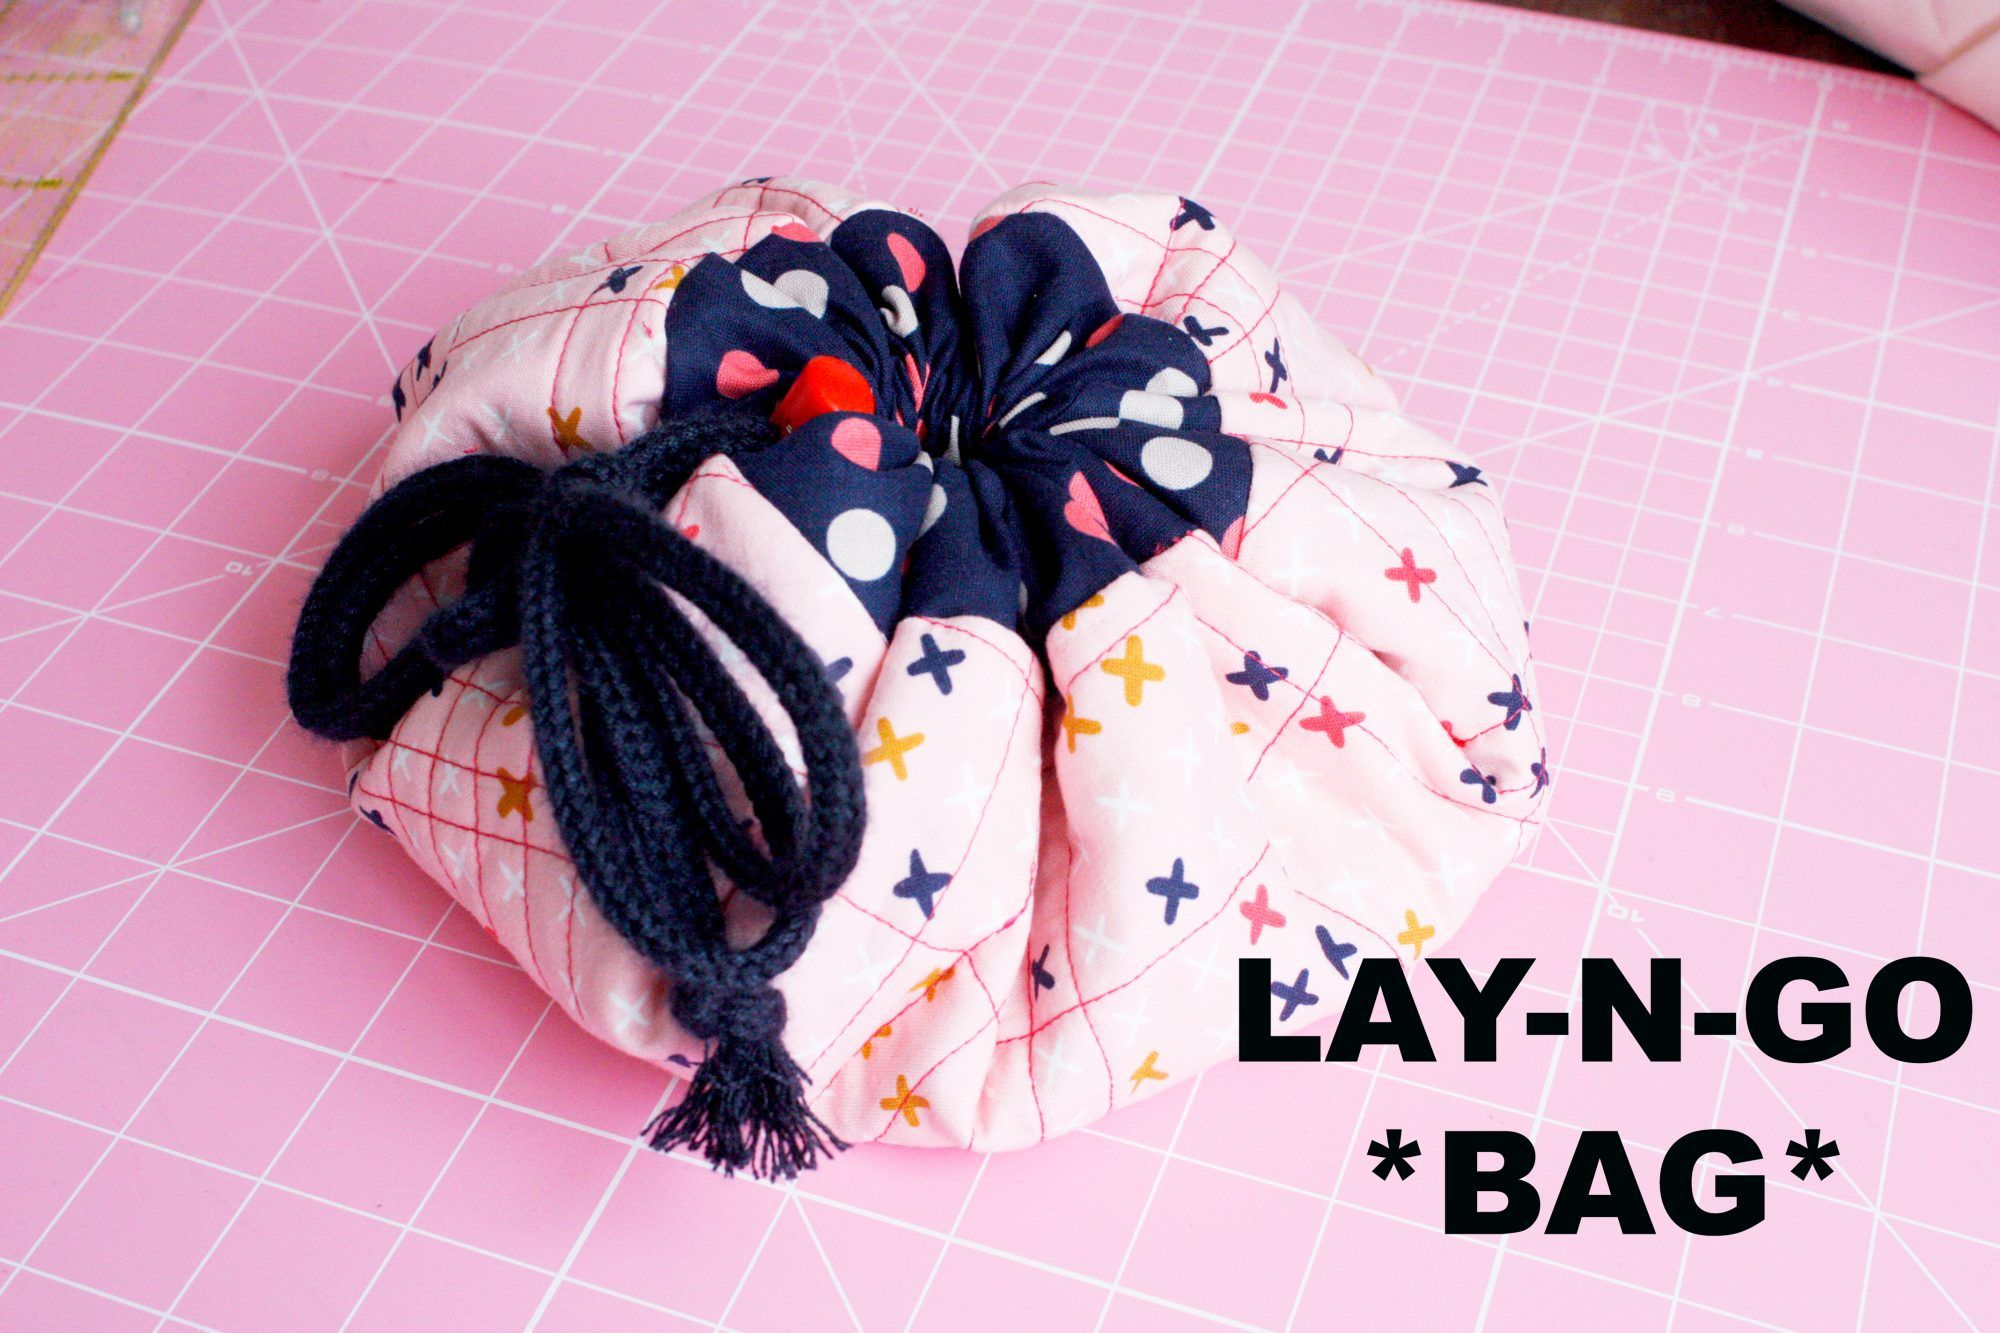 Cómo hacer un neceser Lay-n-go